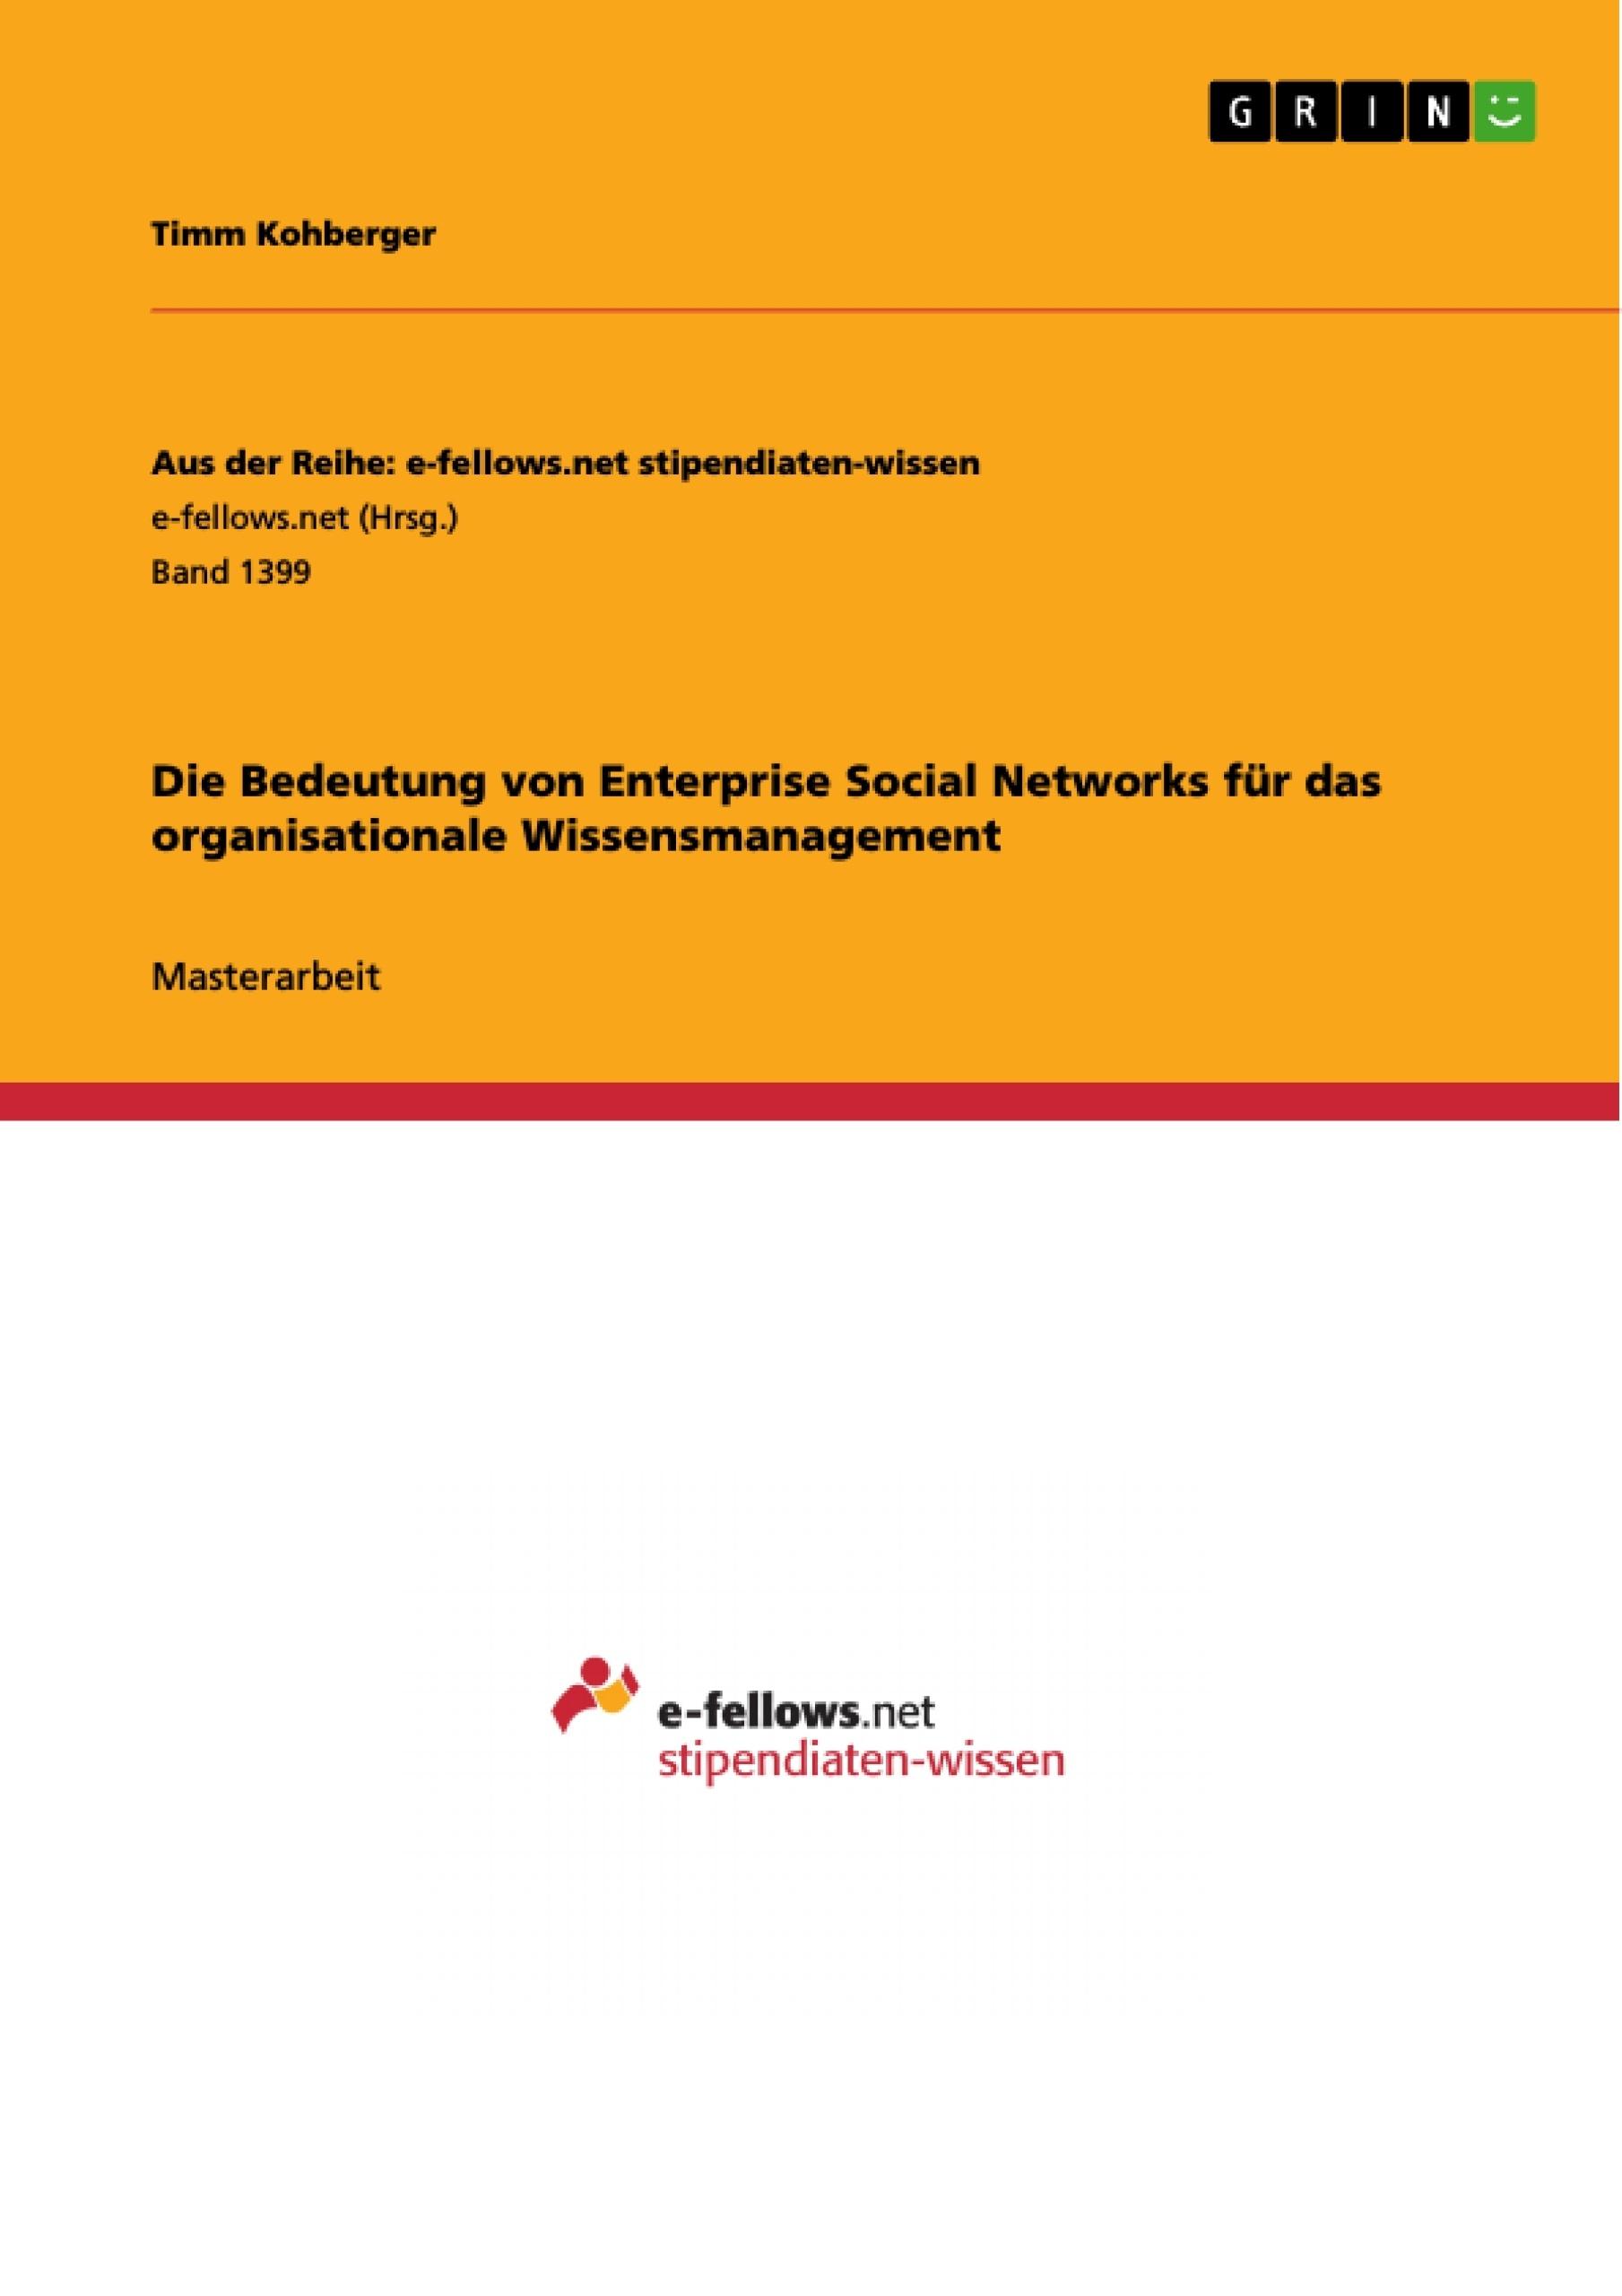 Titel: Die Bedeutung von Enterprise Social Networks für das organisationale Wissensmanagement